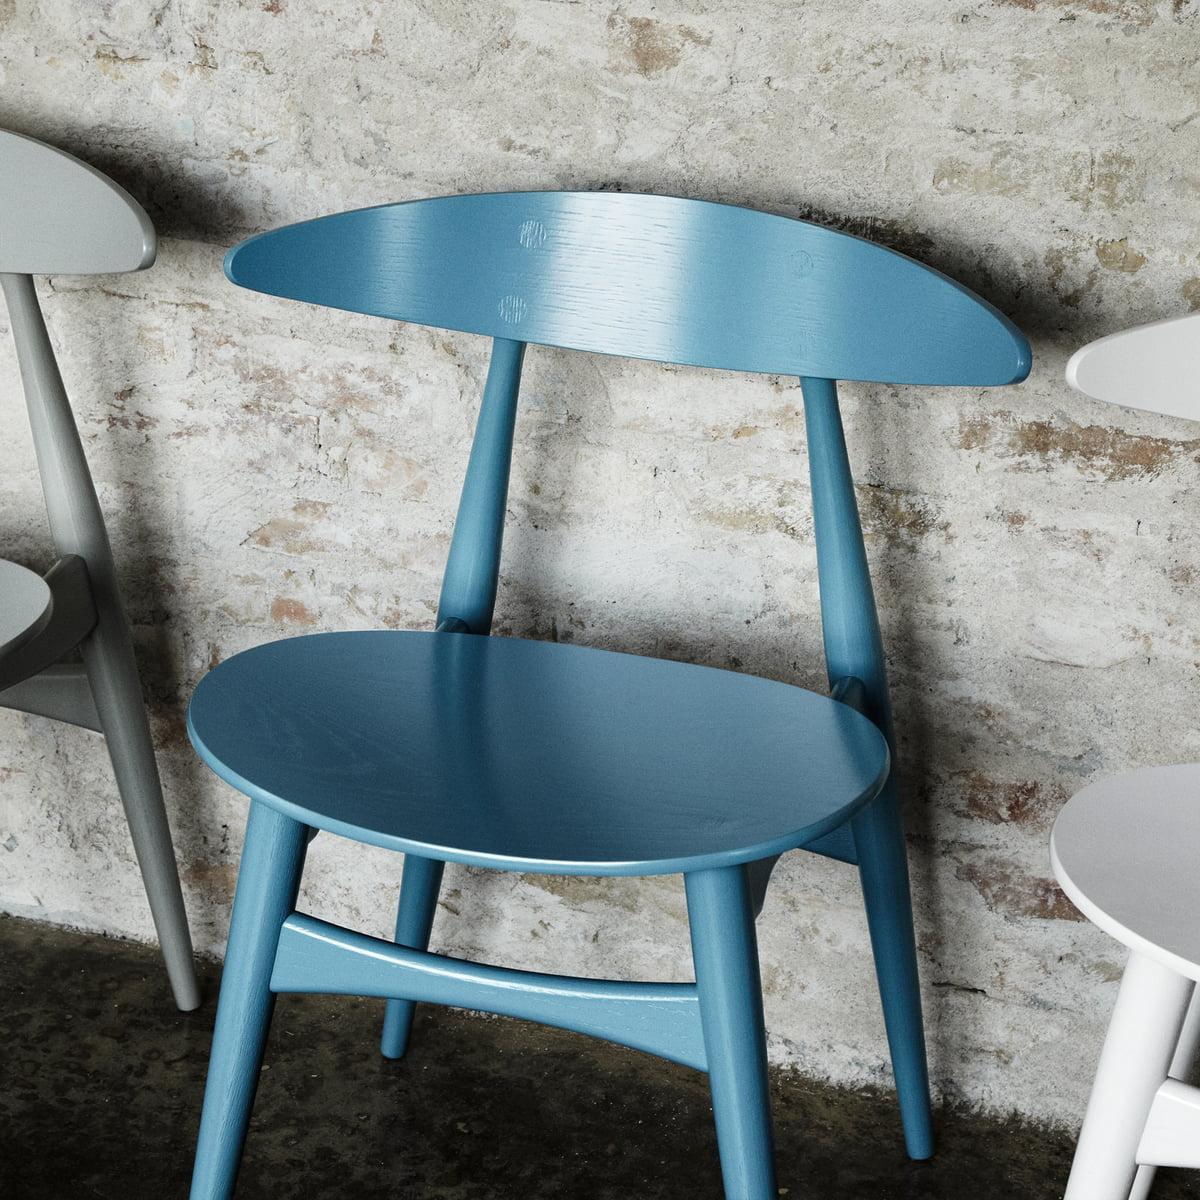 carl hansen ch33 t stuhl im wohndesign shop - Einfache Dekoration Und Mobel Kuchenutensilien Mit Schickem Design